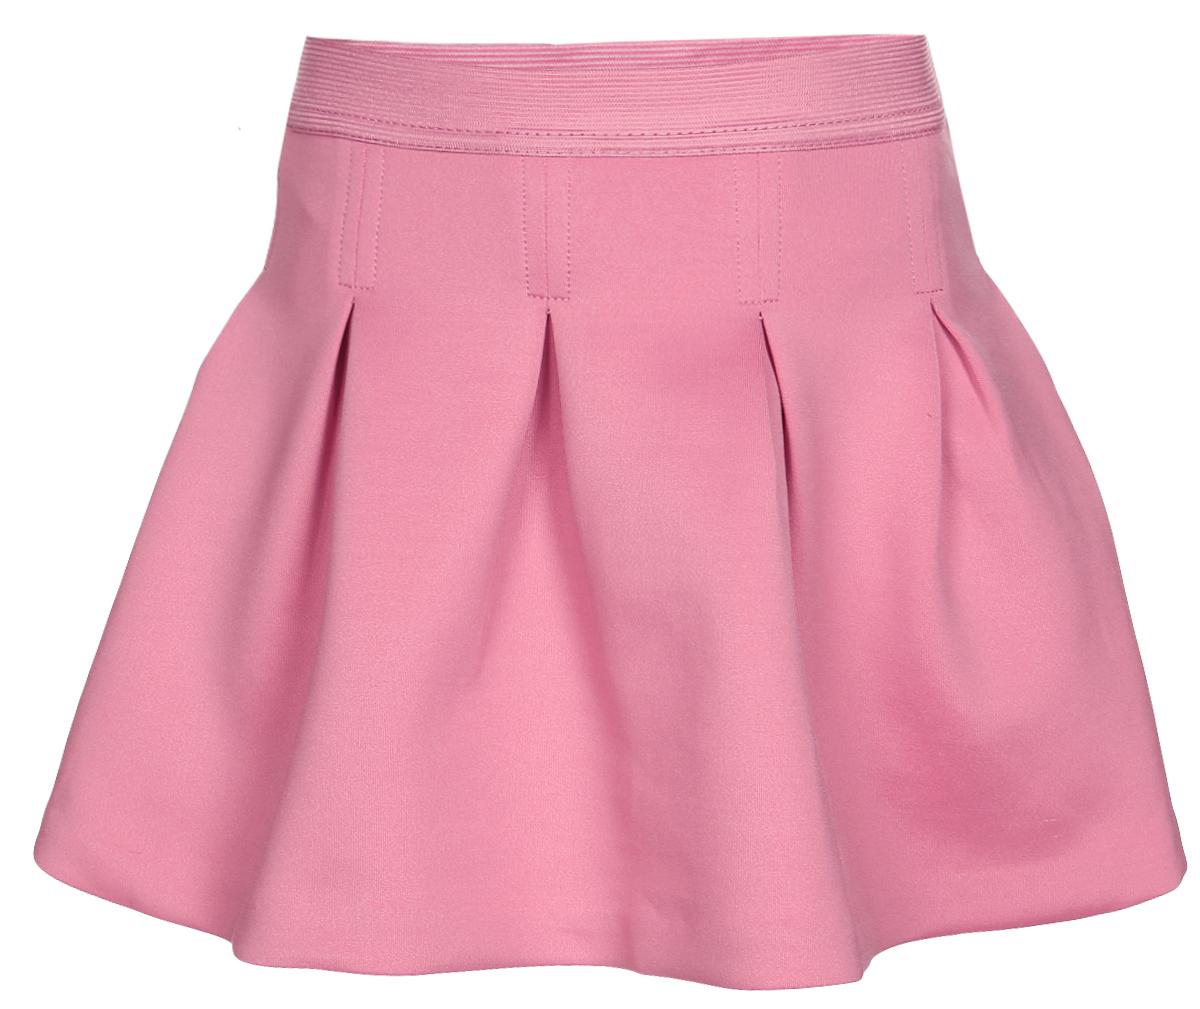 Юбка для девочки Sela, цвет: дымчато-розовый. SK-518/059-7110. Размер 92, 2-3 годаSK-518/059-7110Короткая юбка-клеш для девочки Sela выполнена из плотного эластичного полиэстера. Юбка дополнена широкой эластичной резинкой на поясе и оснащена подъюбником из хлопка. Модель оформлена декоративными встречными складками.